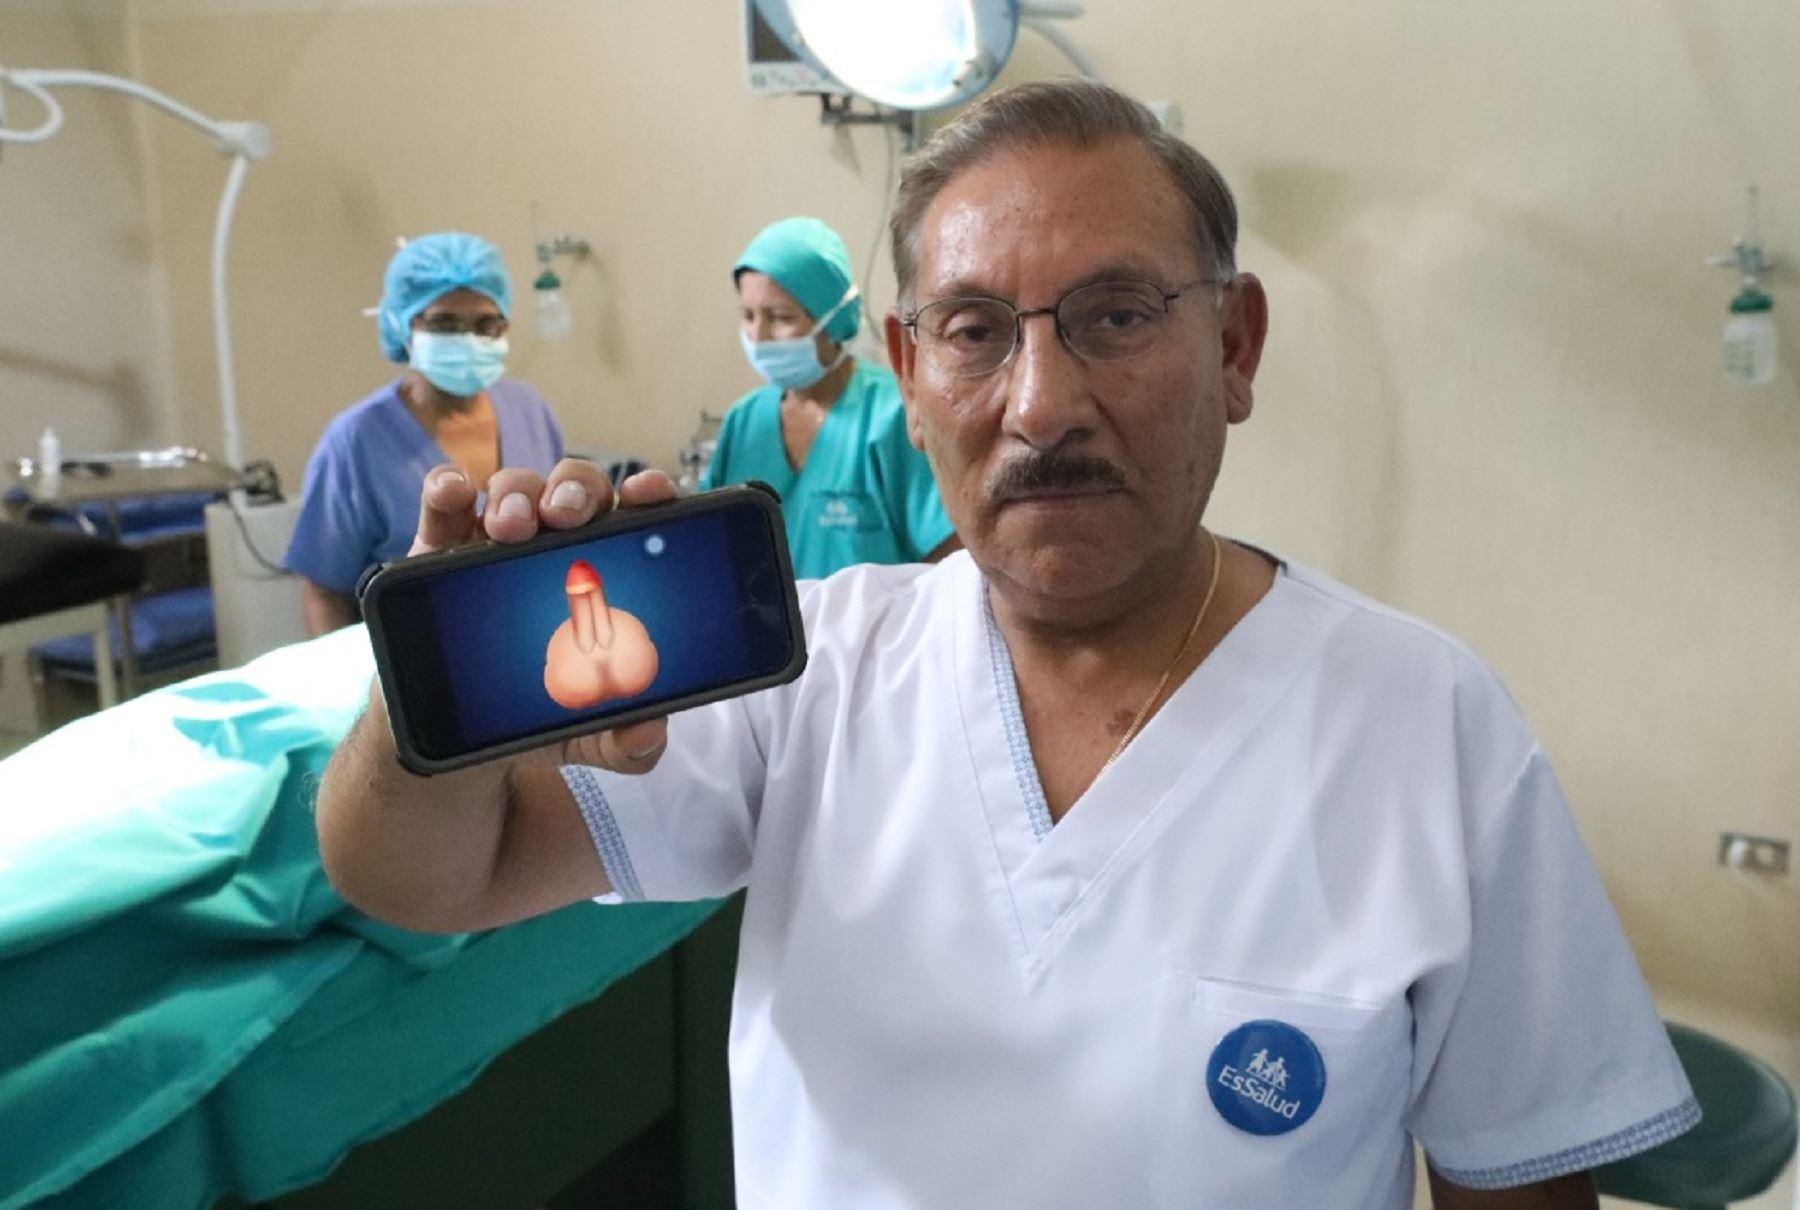 Un asegurado de 60 años, quien había sufrido una lesión grave en la región genital, se convirtió en el protagonista de la primera y compleja cirugía de reconstrucción parcial de pene realizada por médicos cirujanos del Hospital Nacional Edgardo Rebagliati Martins de EsSalud.